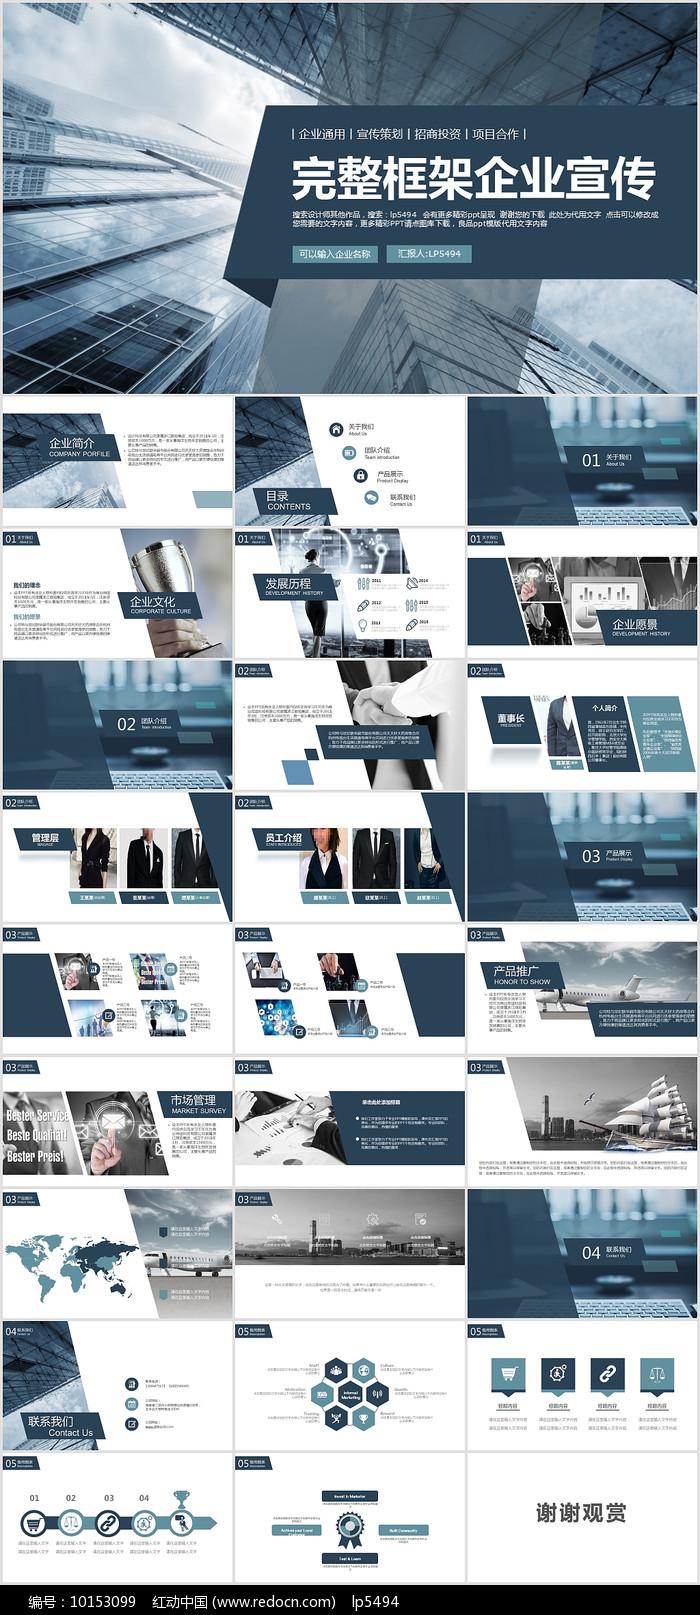 企业宣传画册ppt